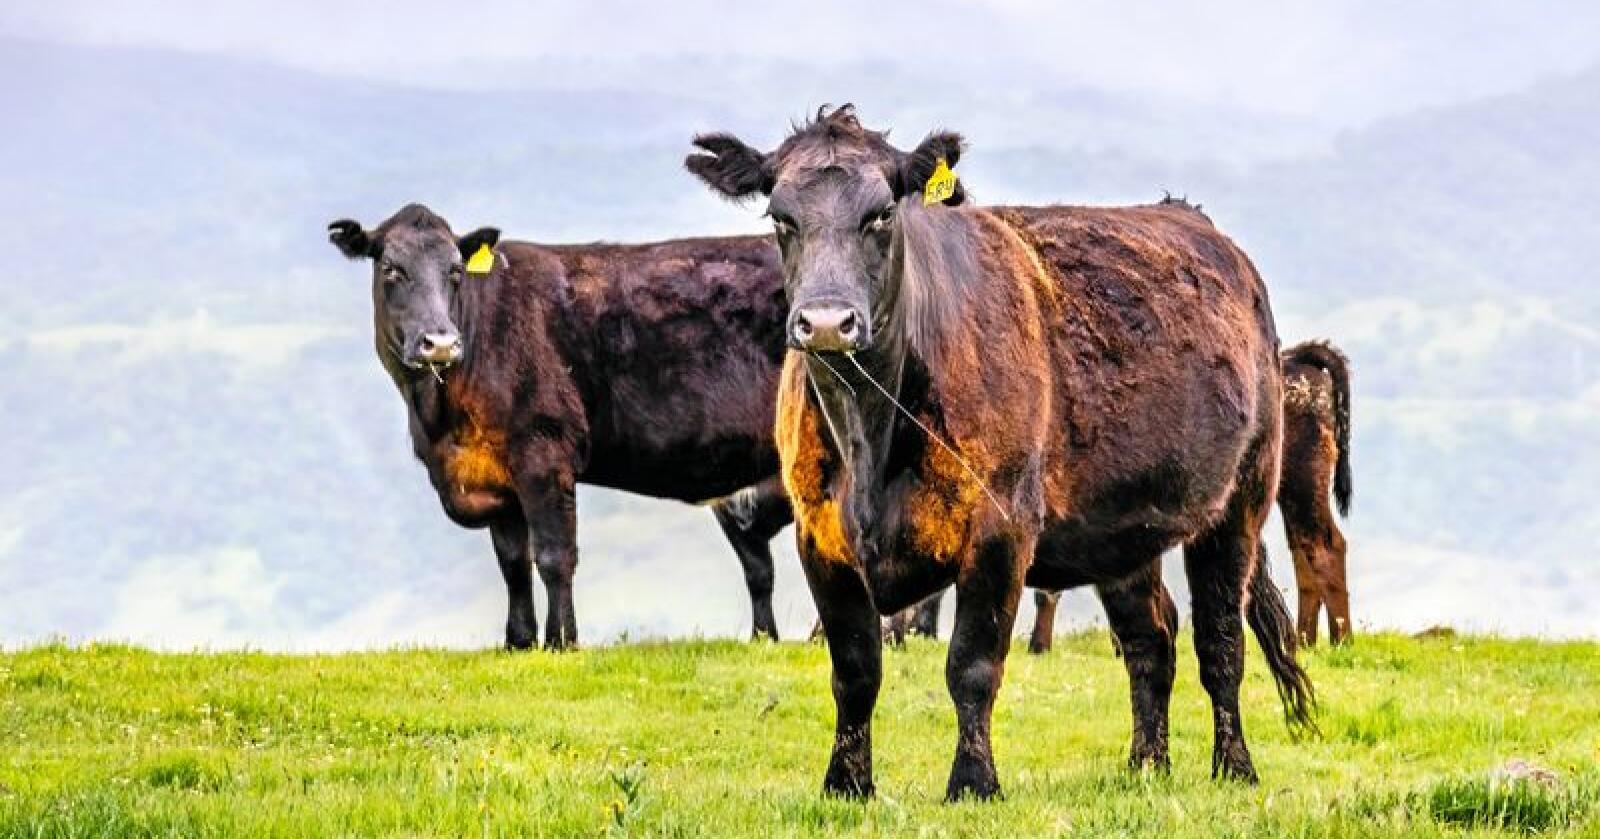 Med og uten horn: Horn på storfe kan genredigeres vekk. Men hva blir konsekvensen? Foto / Mostphotos